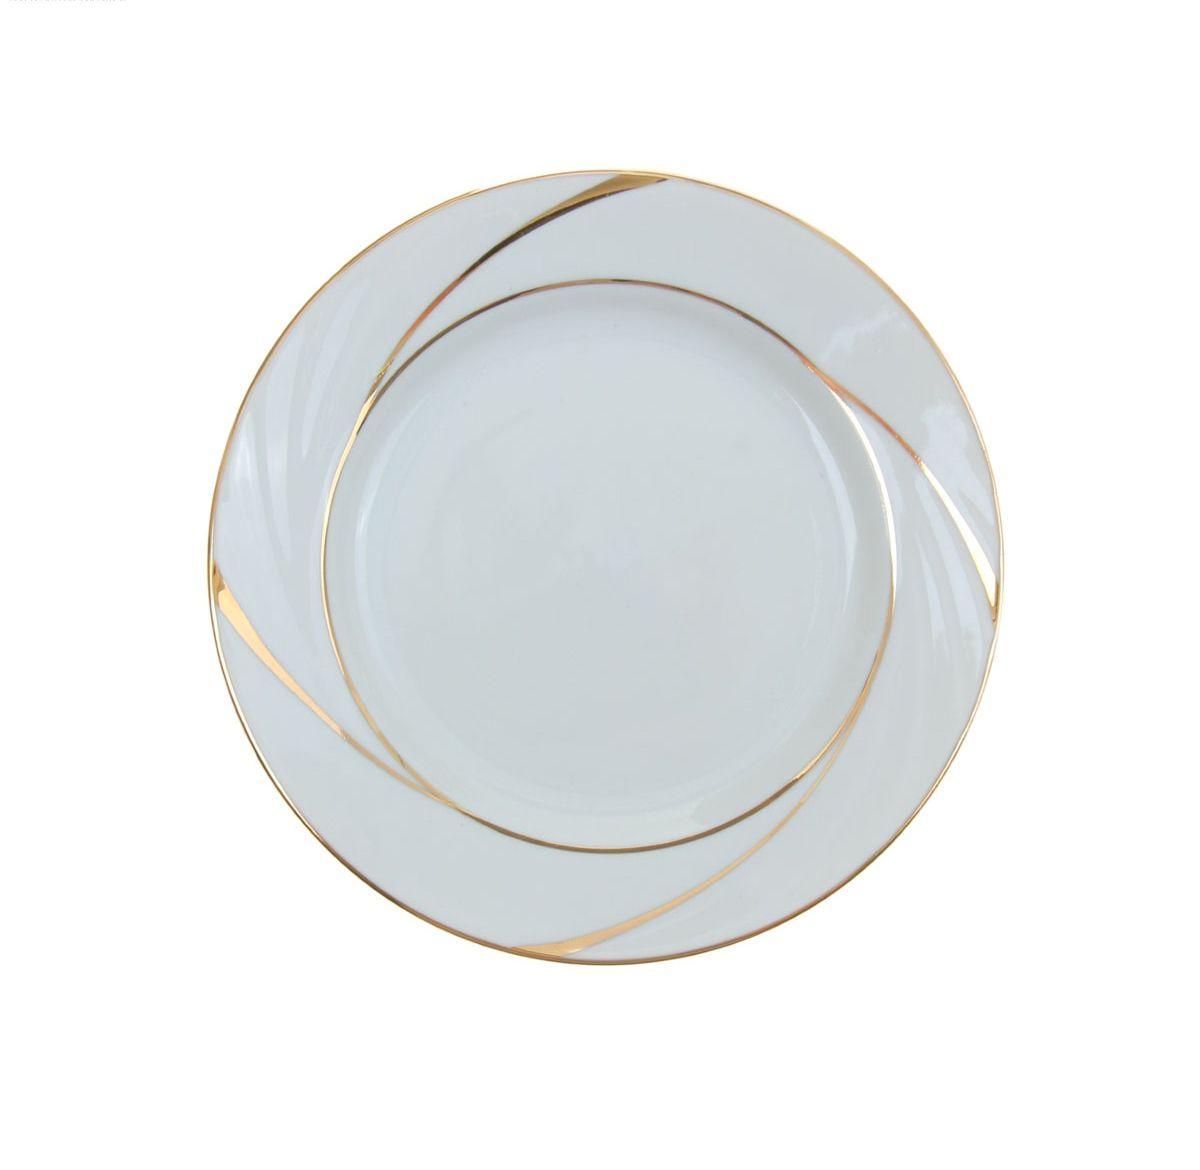 Тарелка мелкая Голубка. Бомонд, диаметр 17,5 см1035424Мелкая тарелка Голубка. Бомонд выполнена из высококачественного фарфора. Она прекрасно впишется в интерьер вашей кухни и станет достойным дополнением к кухонному инвентарю. Тарелка Голубка. Бомонд подчеркнет прекрасный вкус хозяйки и станет отличным подарком. Диаметр тарелки: 17,5 см.